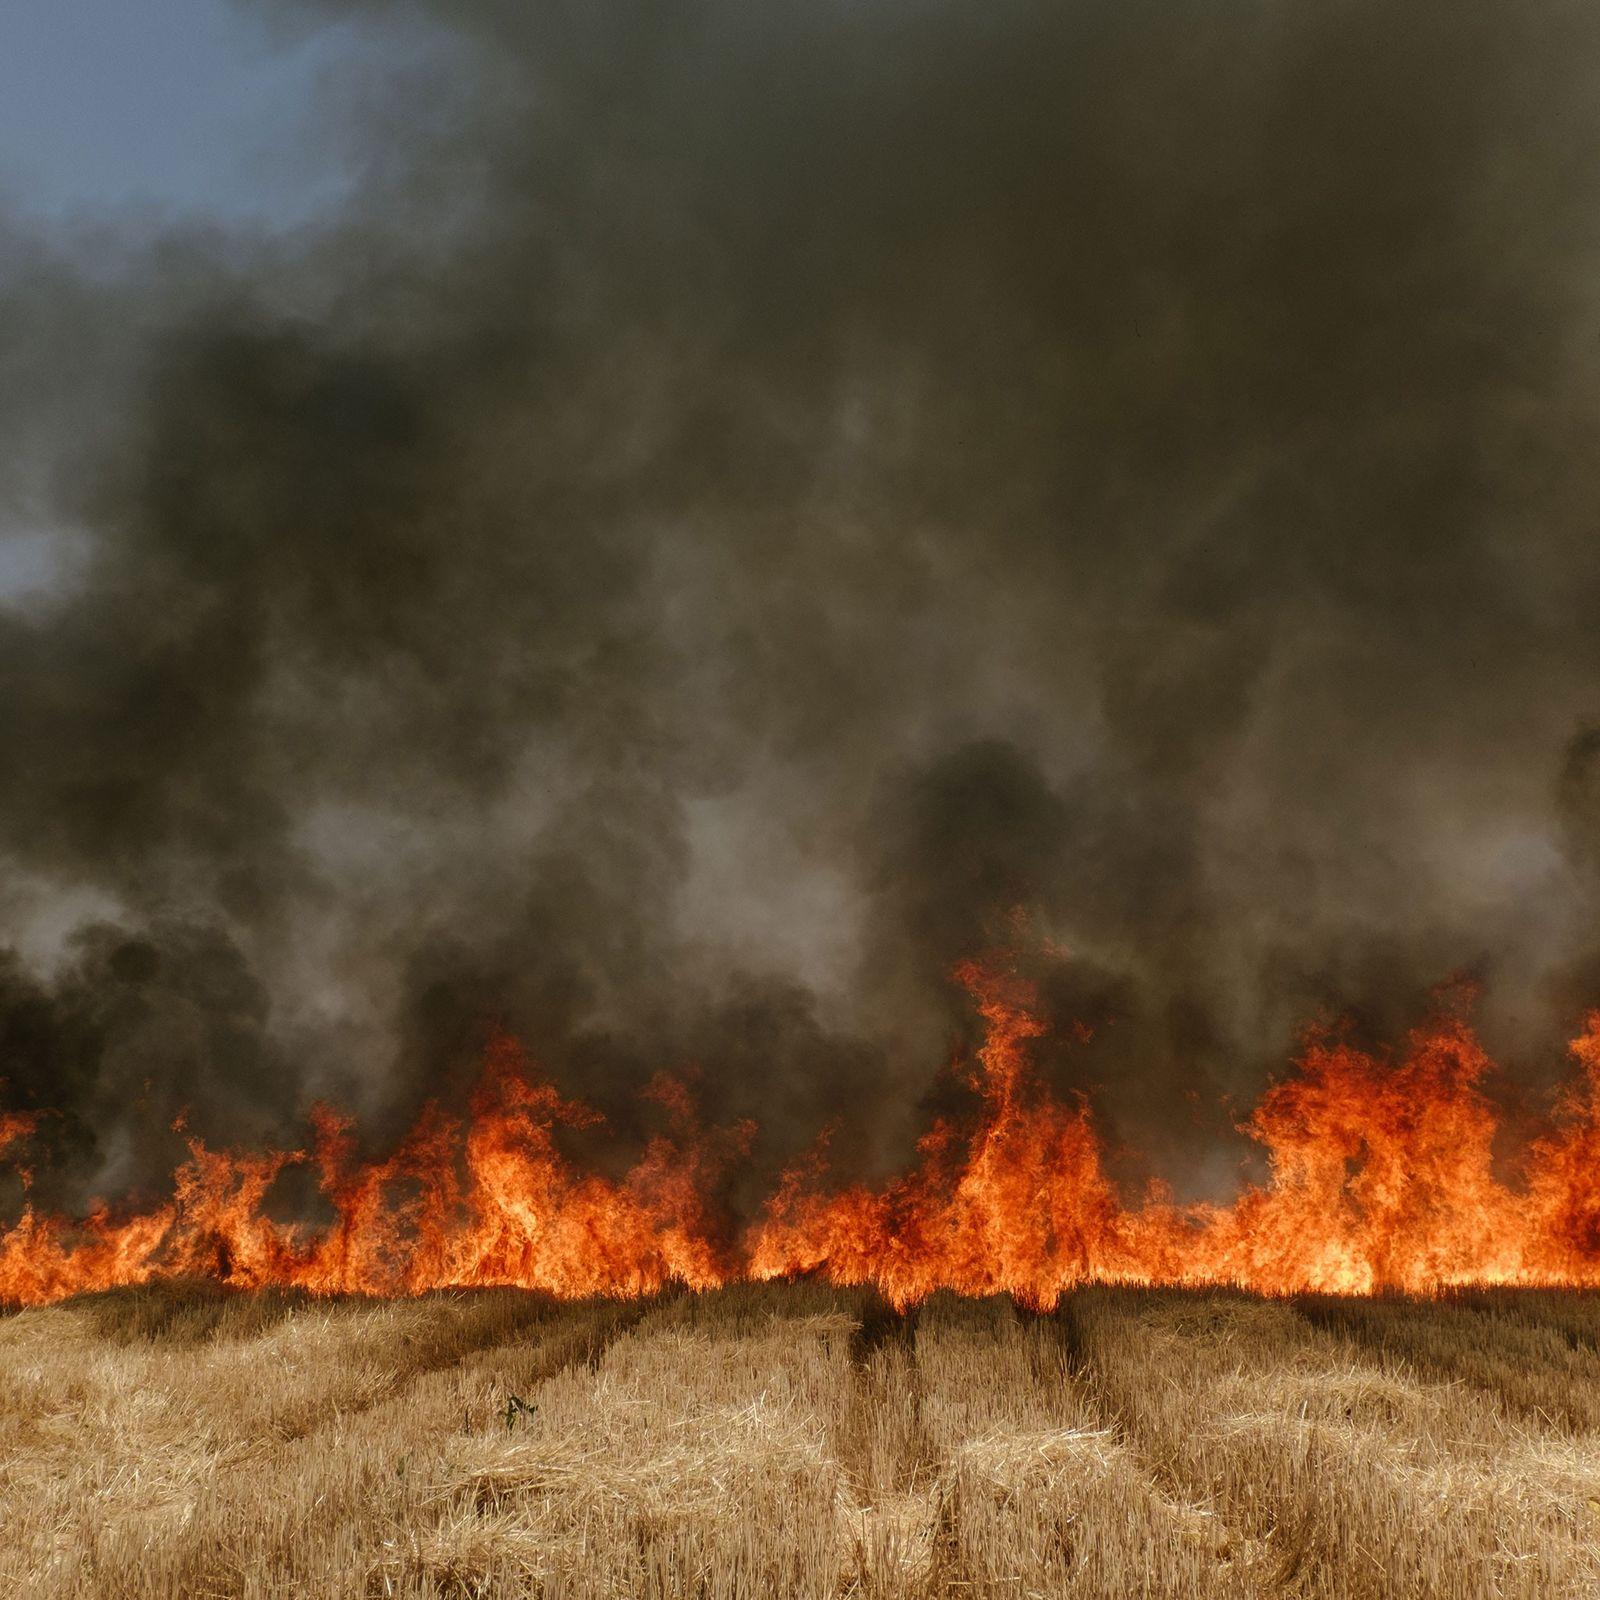 Un incendie fait rage à travers un champ de blé dans l'Etat de Madhya Pradesh, en ...